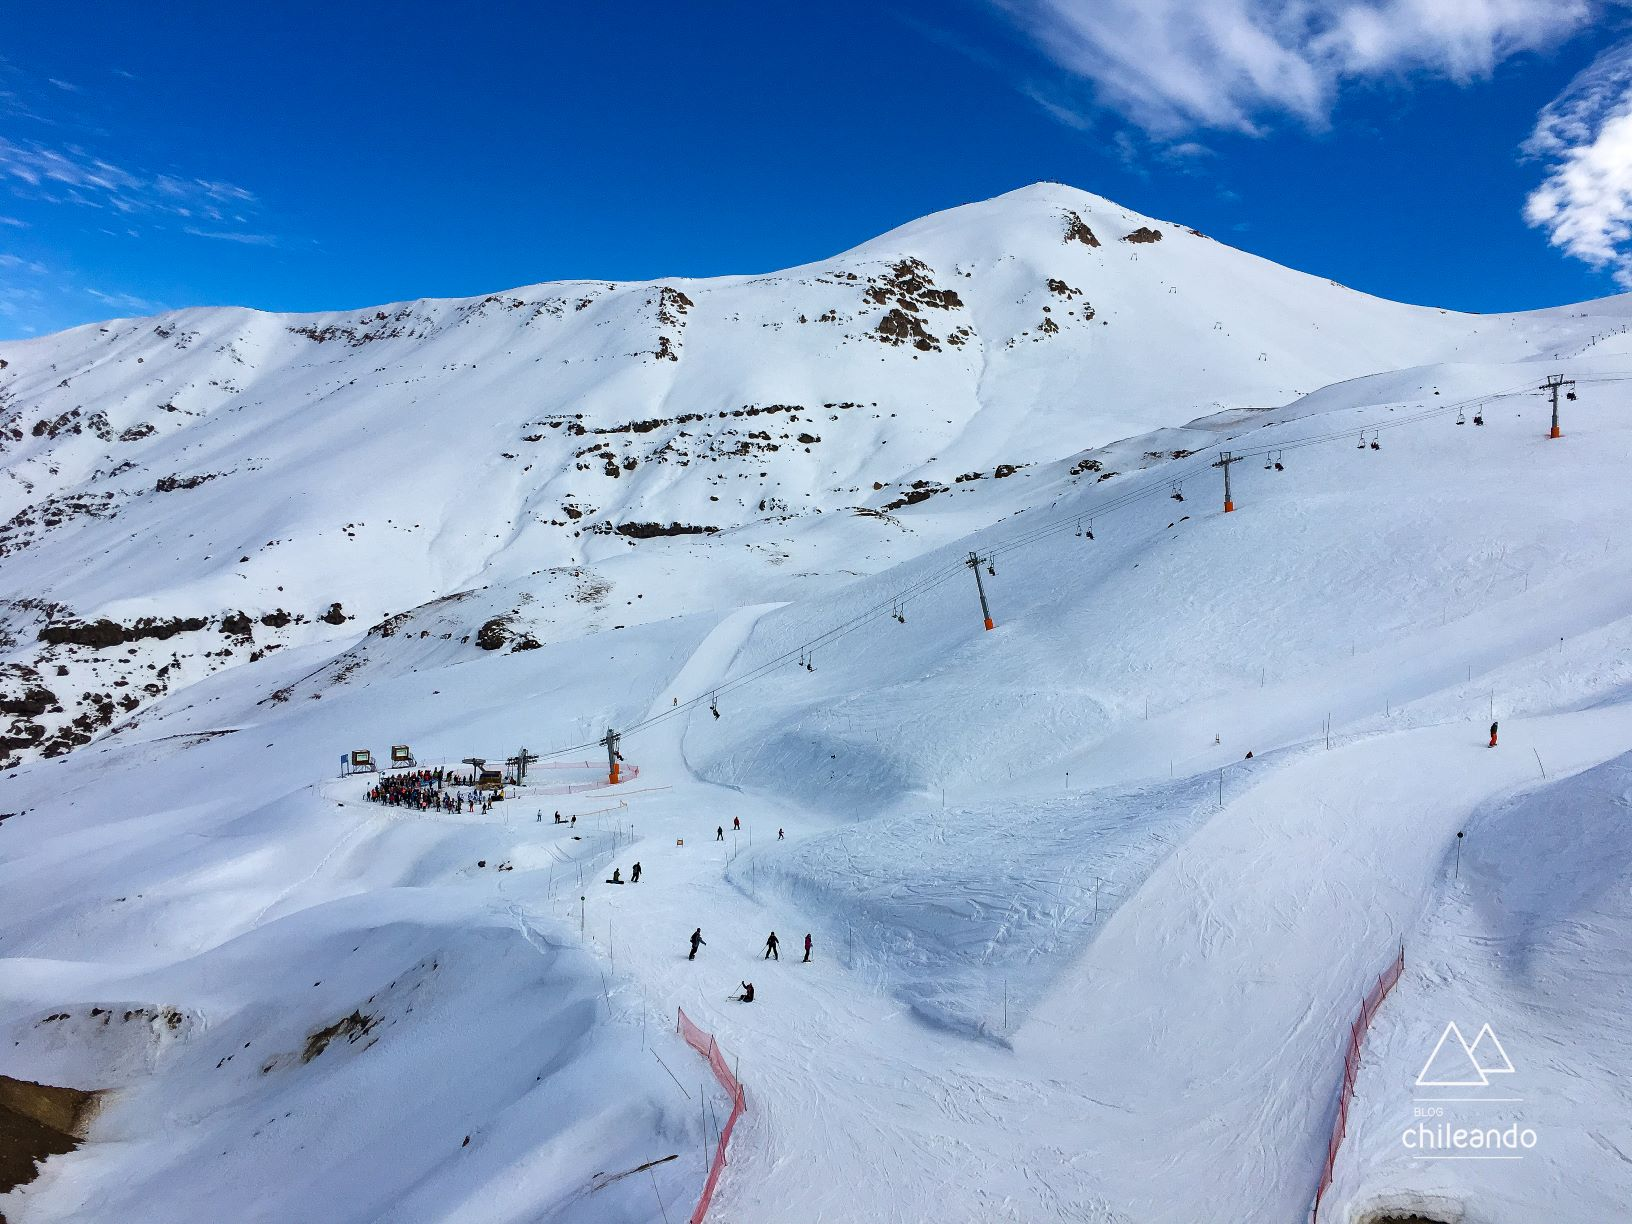 Pistas de esqui no Valle Nevado